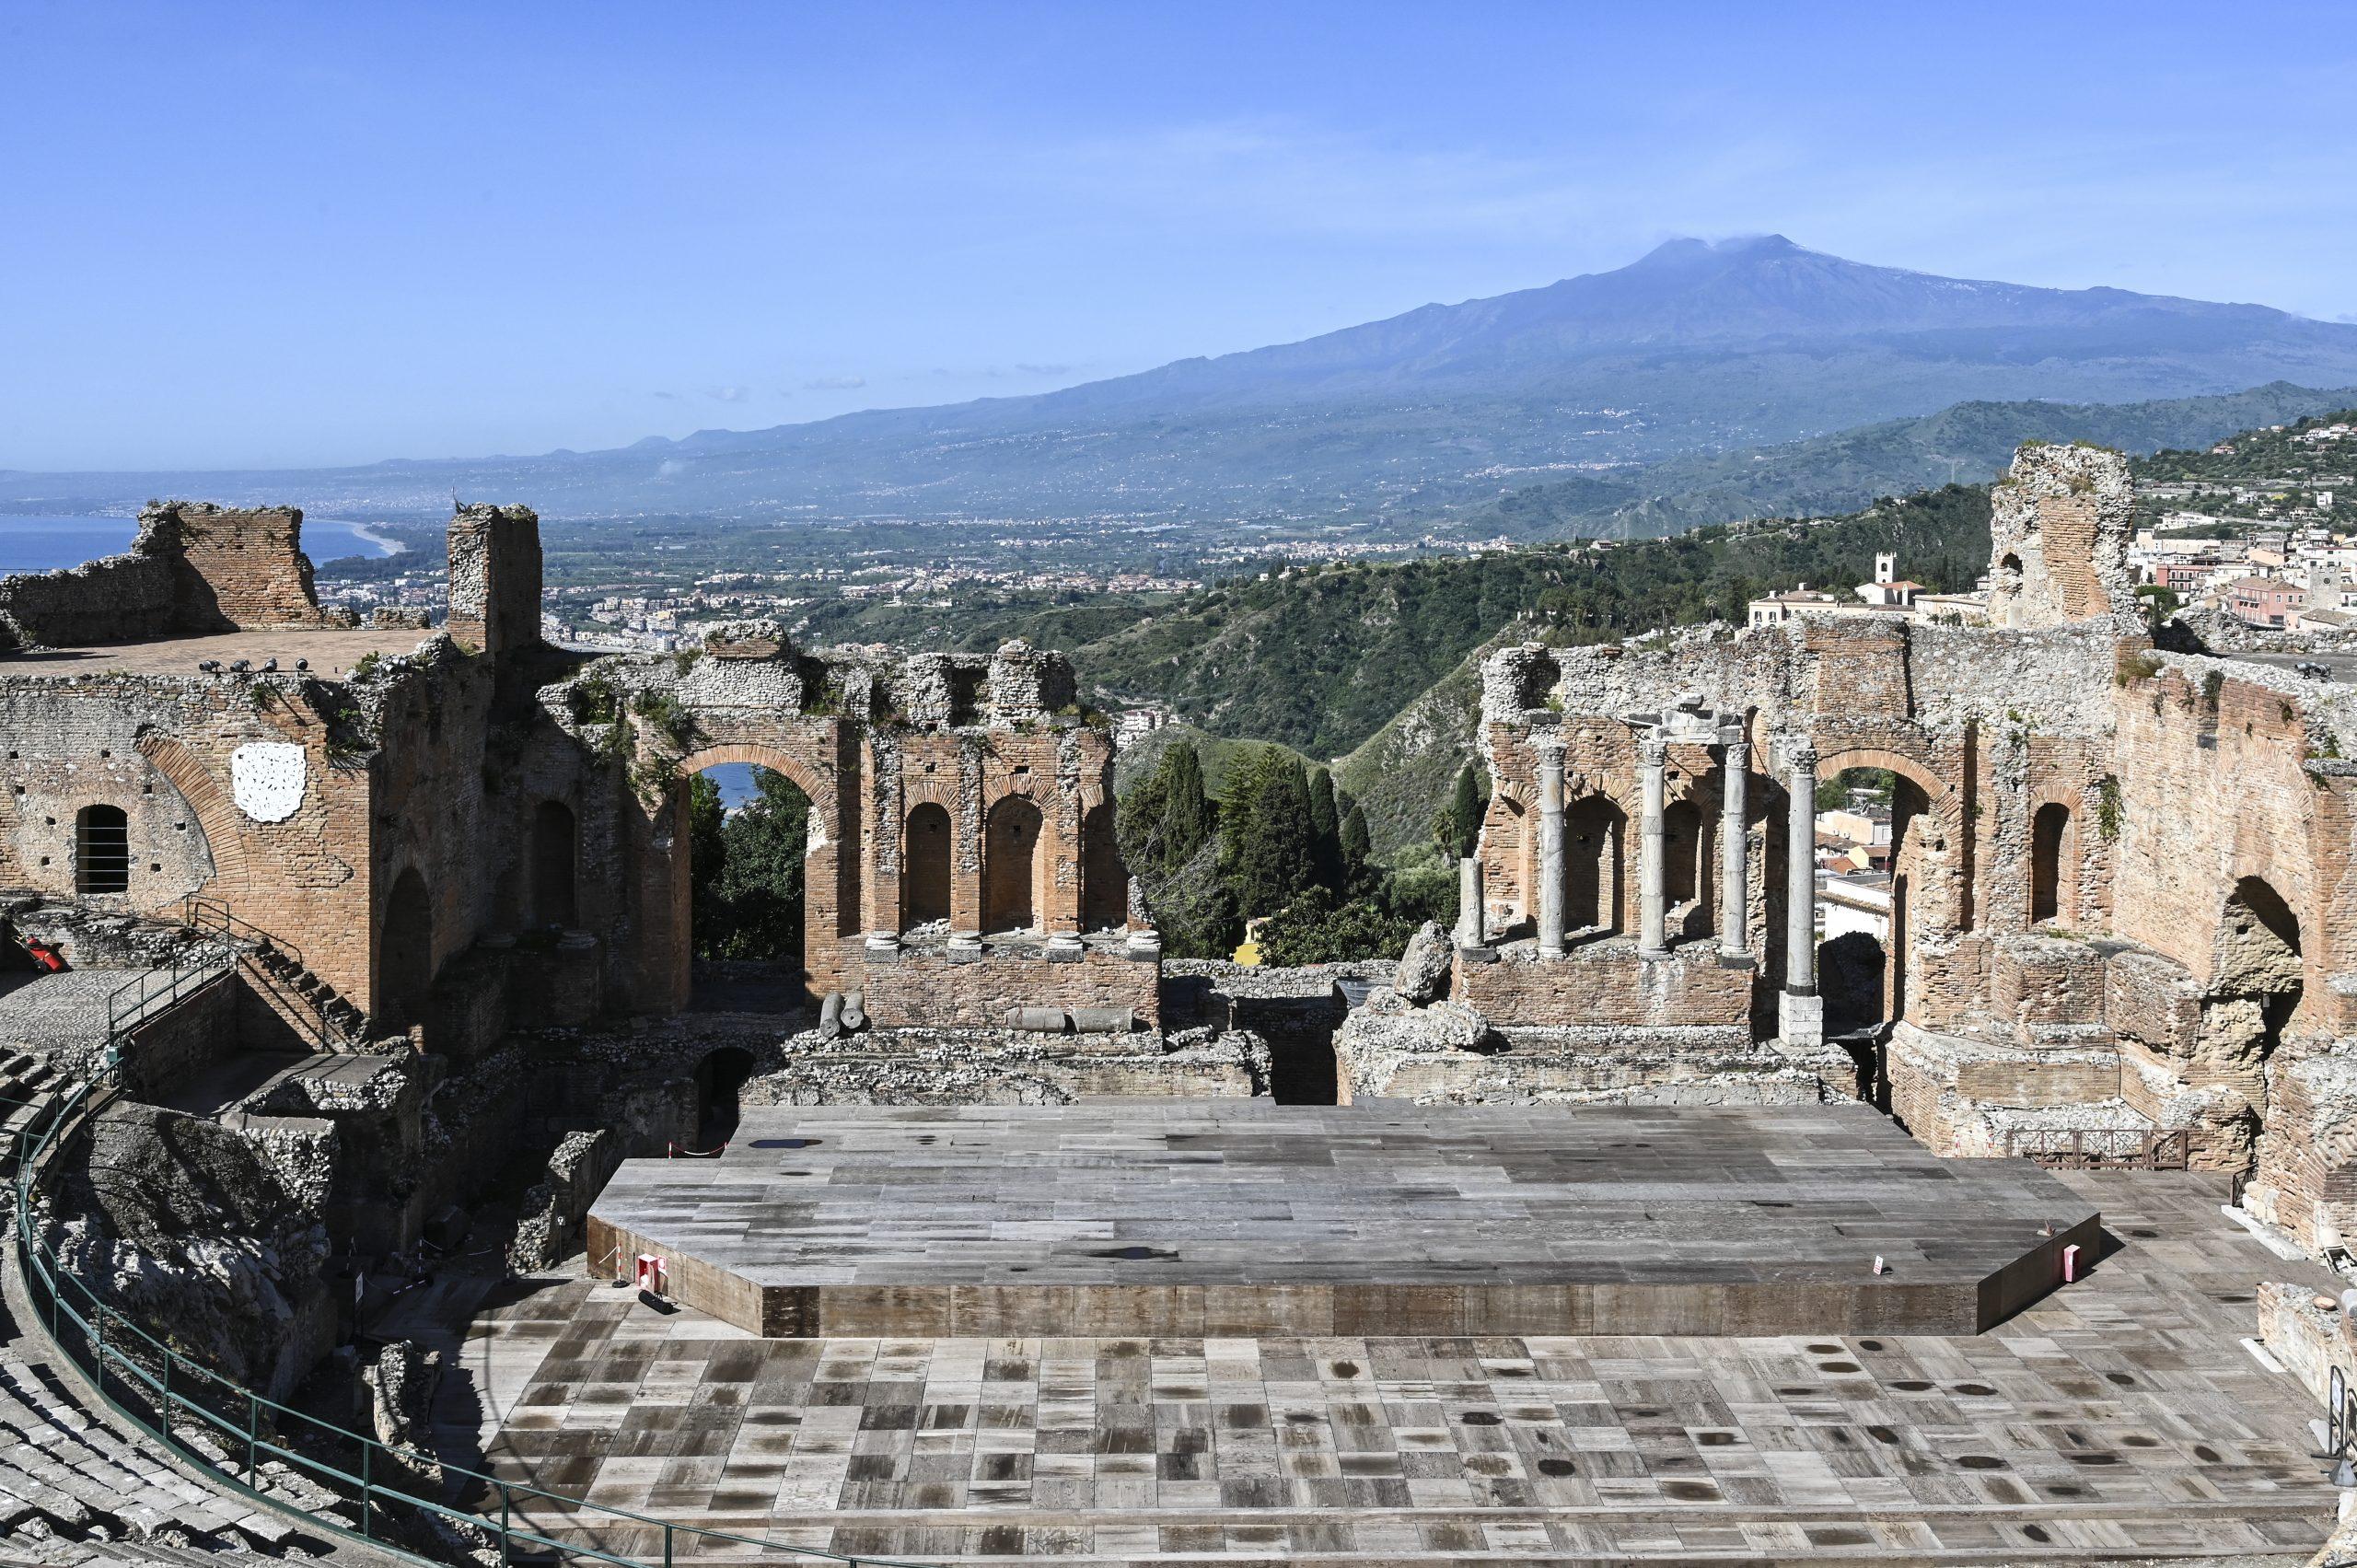 Pietro Consagra. Il colore come materia, Taormina, Teatro Antico